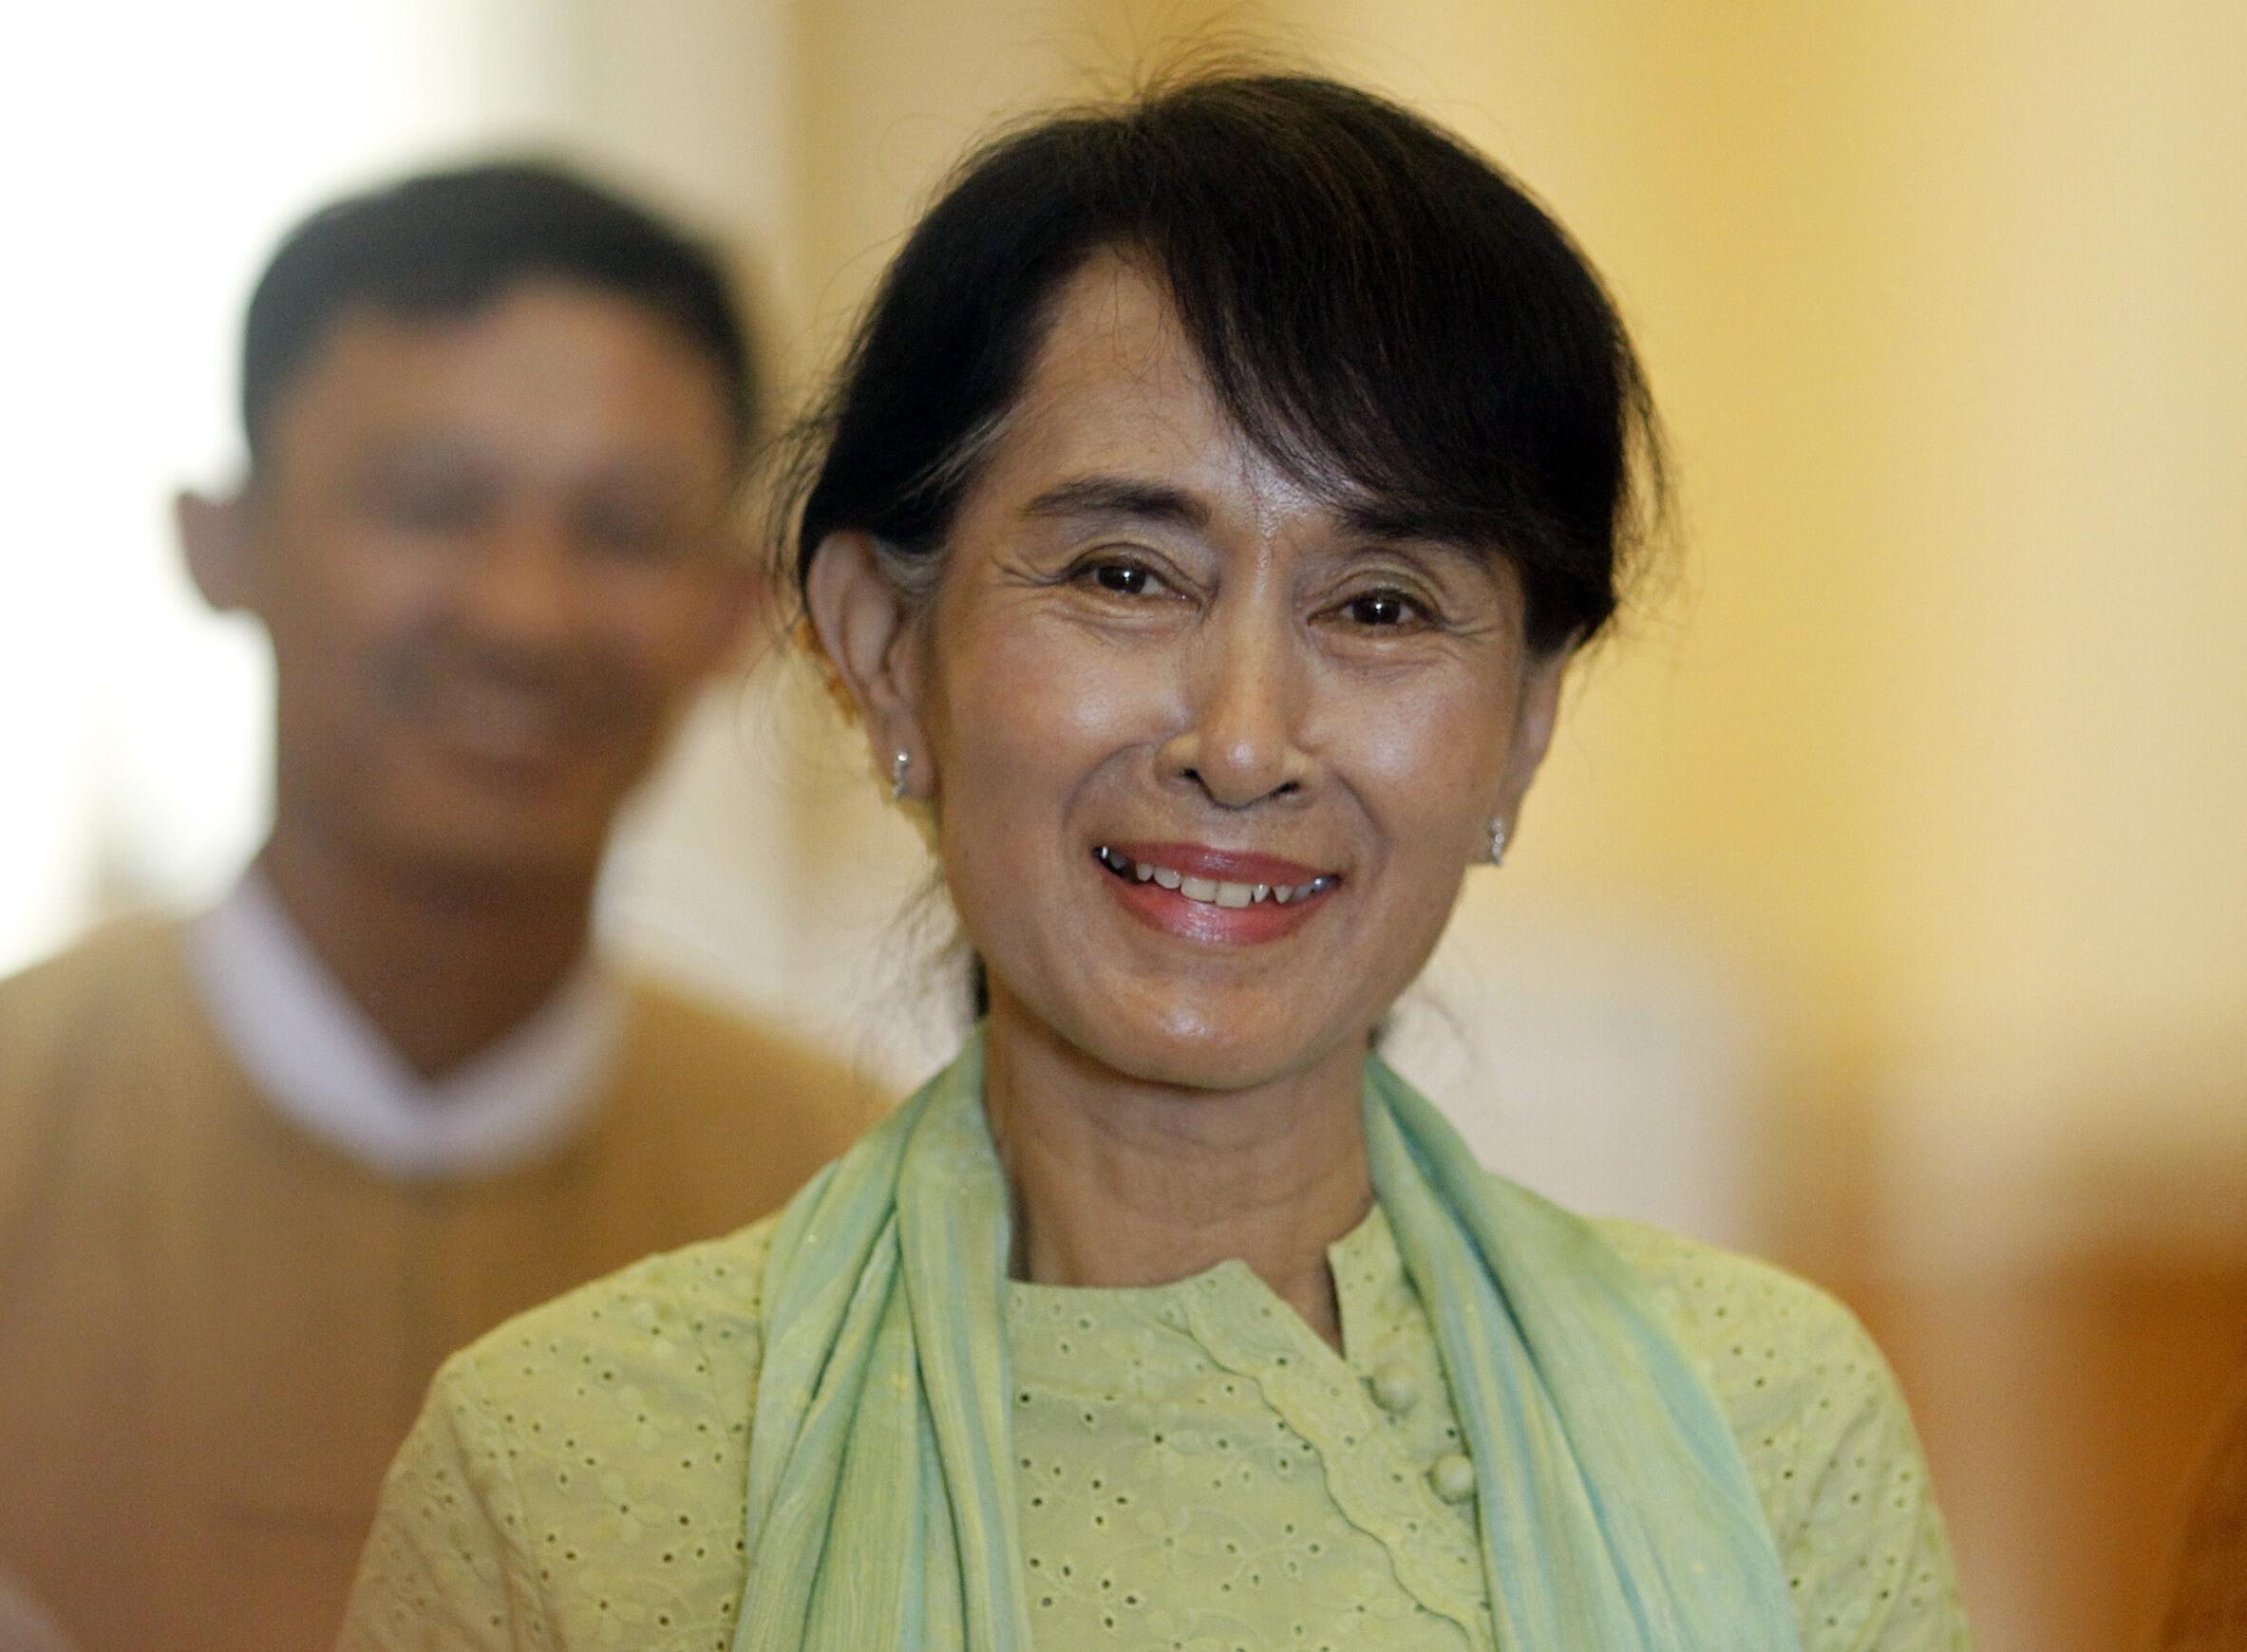 Lãnh tụ và dân biểu đối lập Aung San Suu Kyi tham dự khóa họp Quốc hội Miến Điện 09/07/2012 (REUTERS /Soe Zeya Tun)